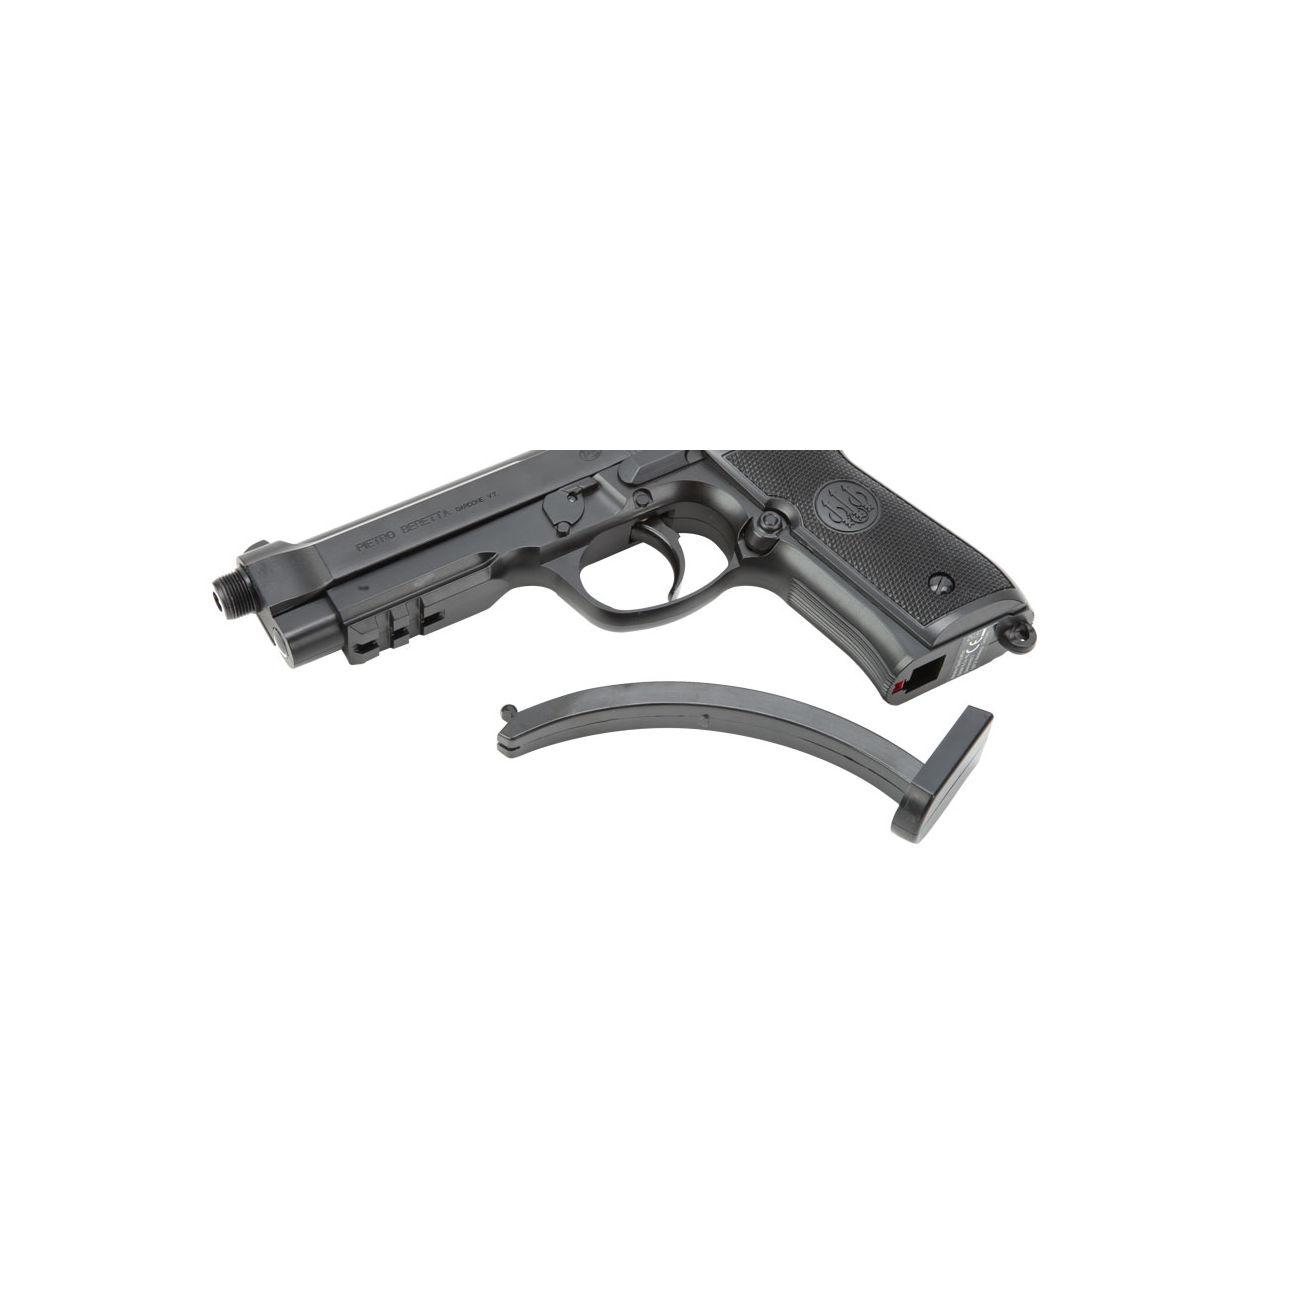 Umarex Beretta M92 A1 Tactical Metallschlitten Komplettset AEP 6mm BB  schwarz